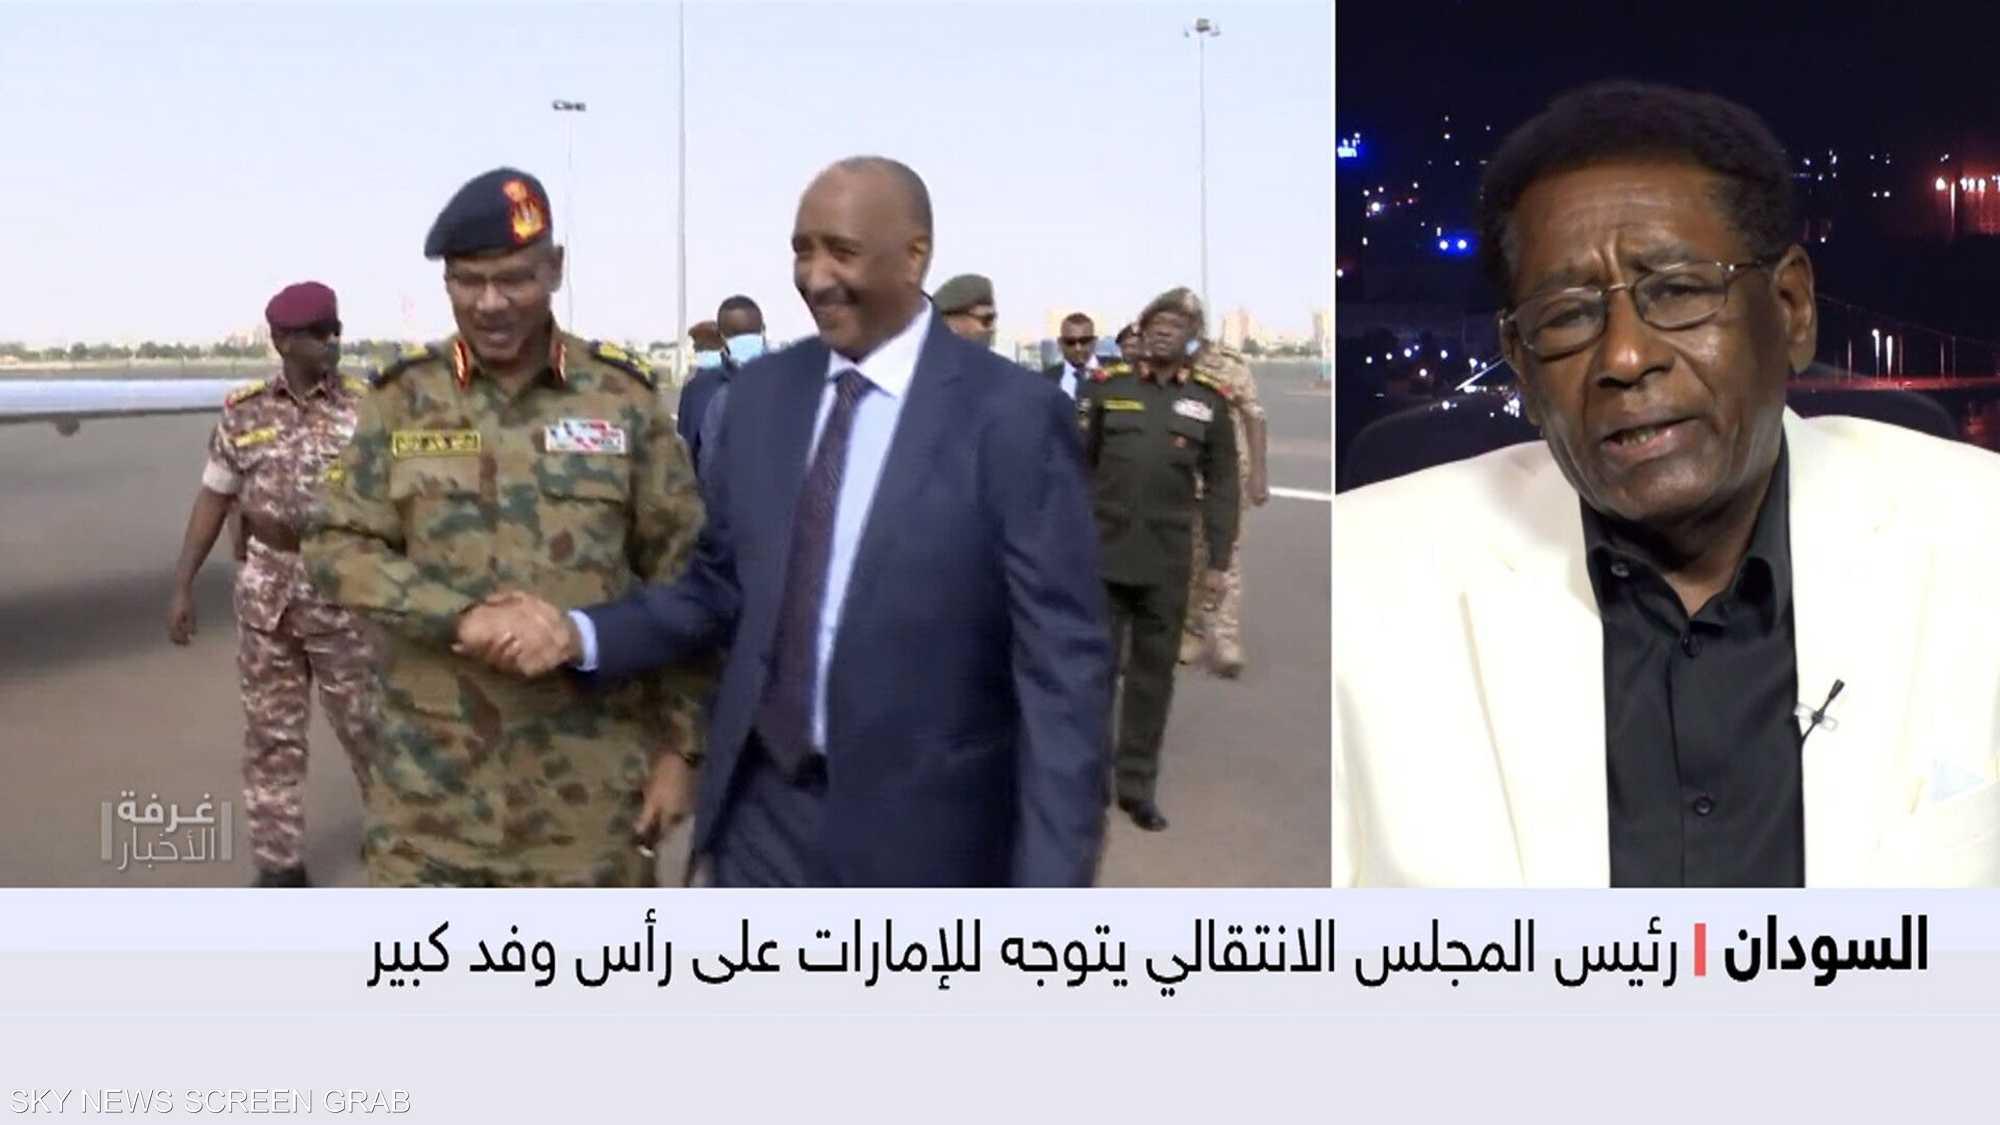 وفد سوداني بالإمارات لحل معضلة الخرطوم وقائمة الإرهاب